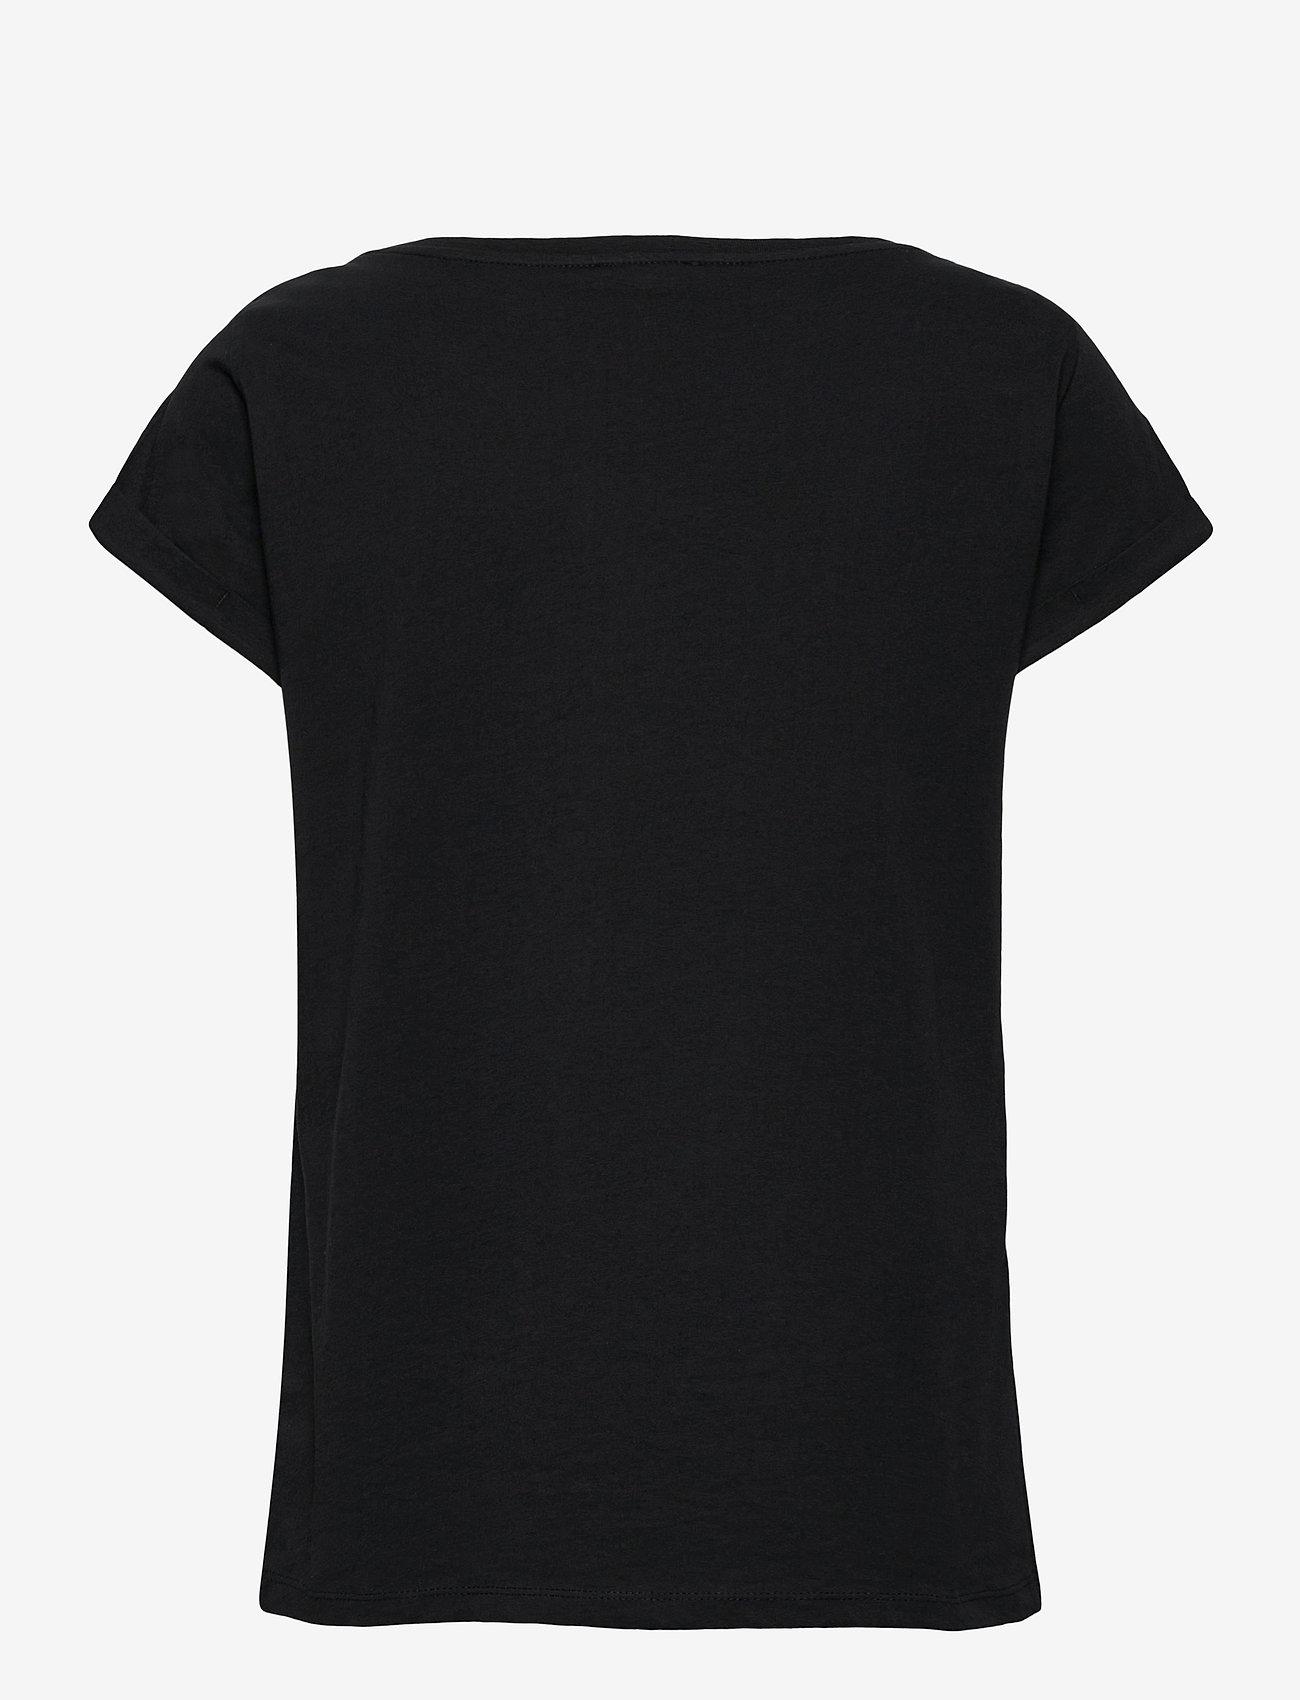 Esprit Casual - T-Shirts - t-shirt & tops - black - 1